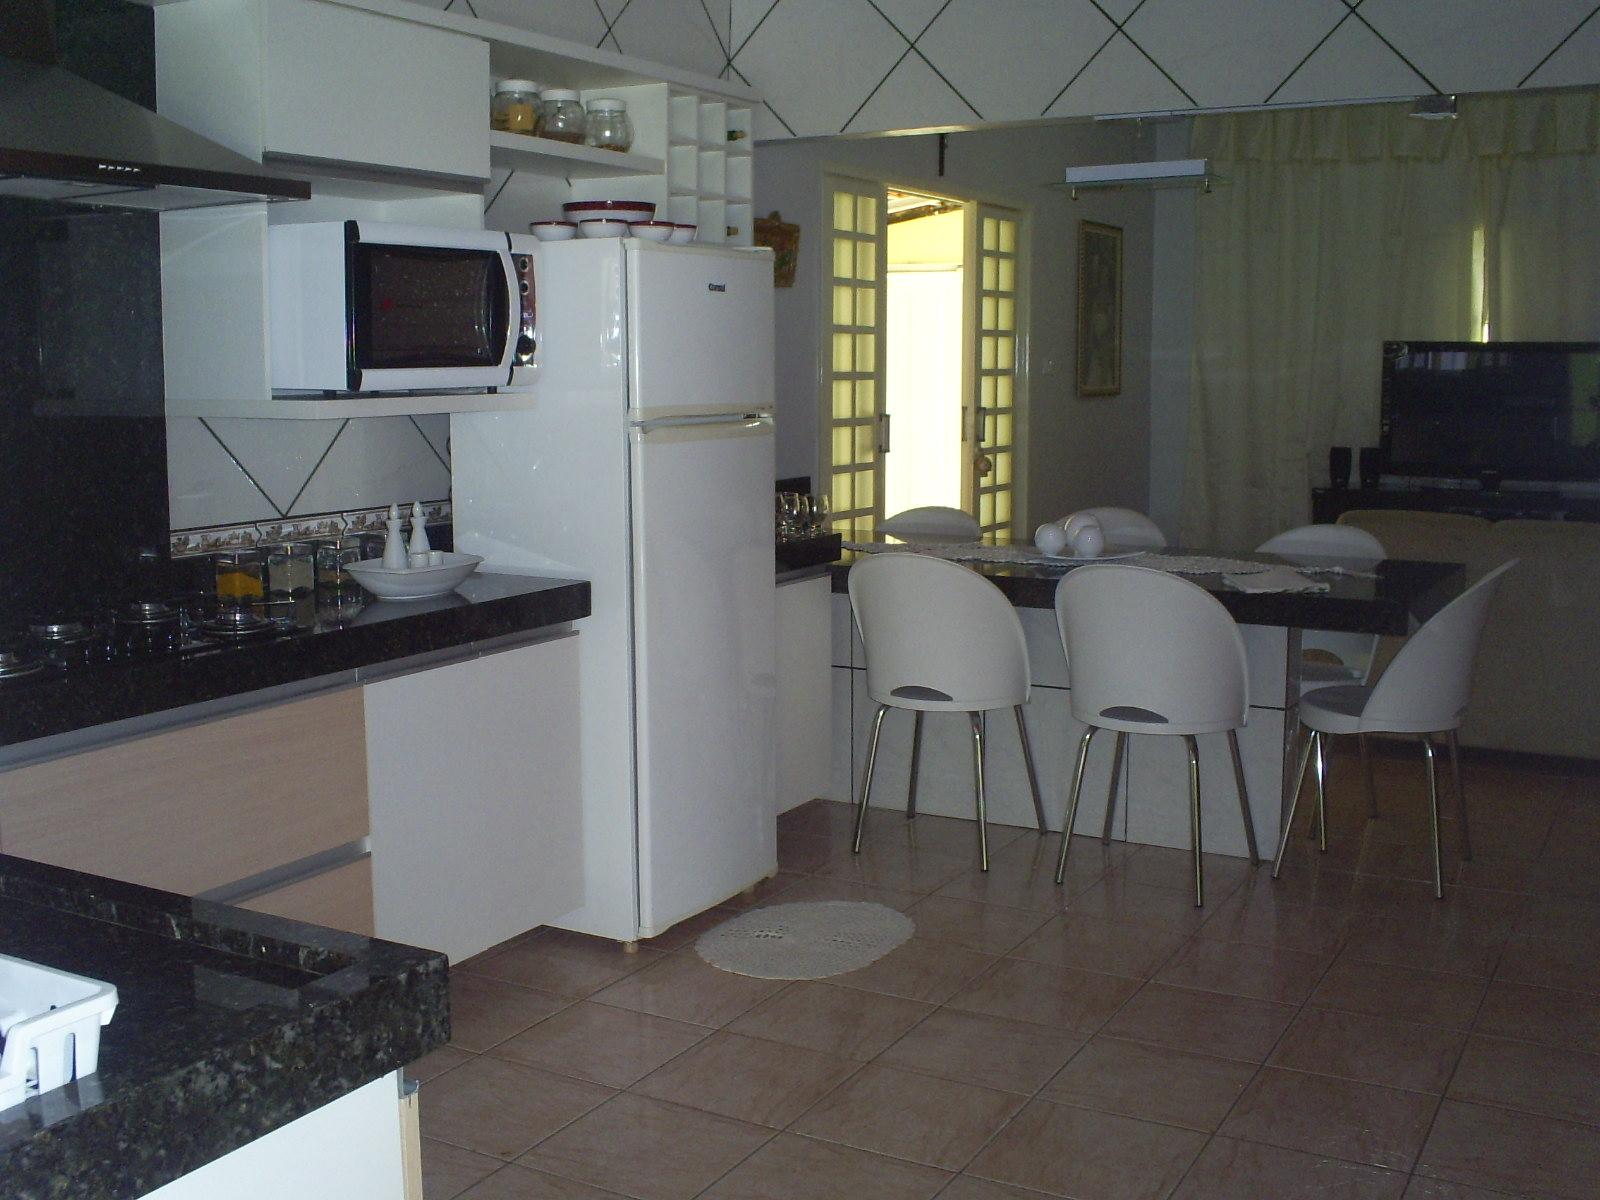 #8A8741 cozinha integrada grande cozinha americana.jpg 1600x1200 px Projeto De Cozinha Americana Com Sala #2787 imagens